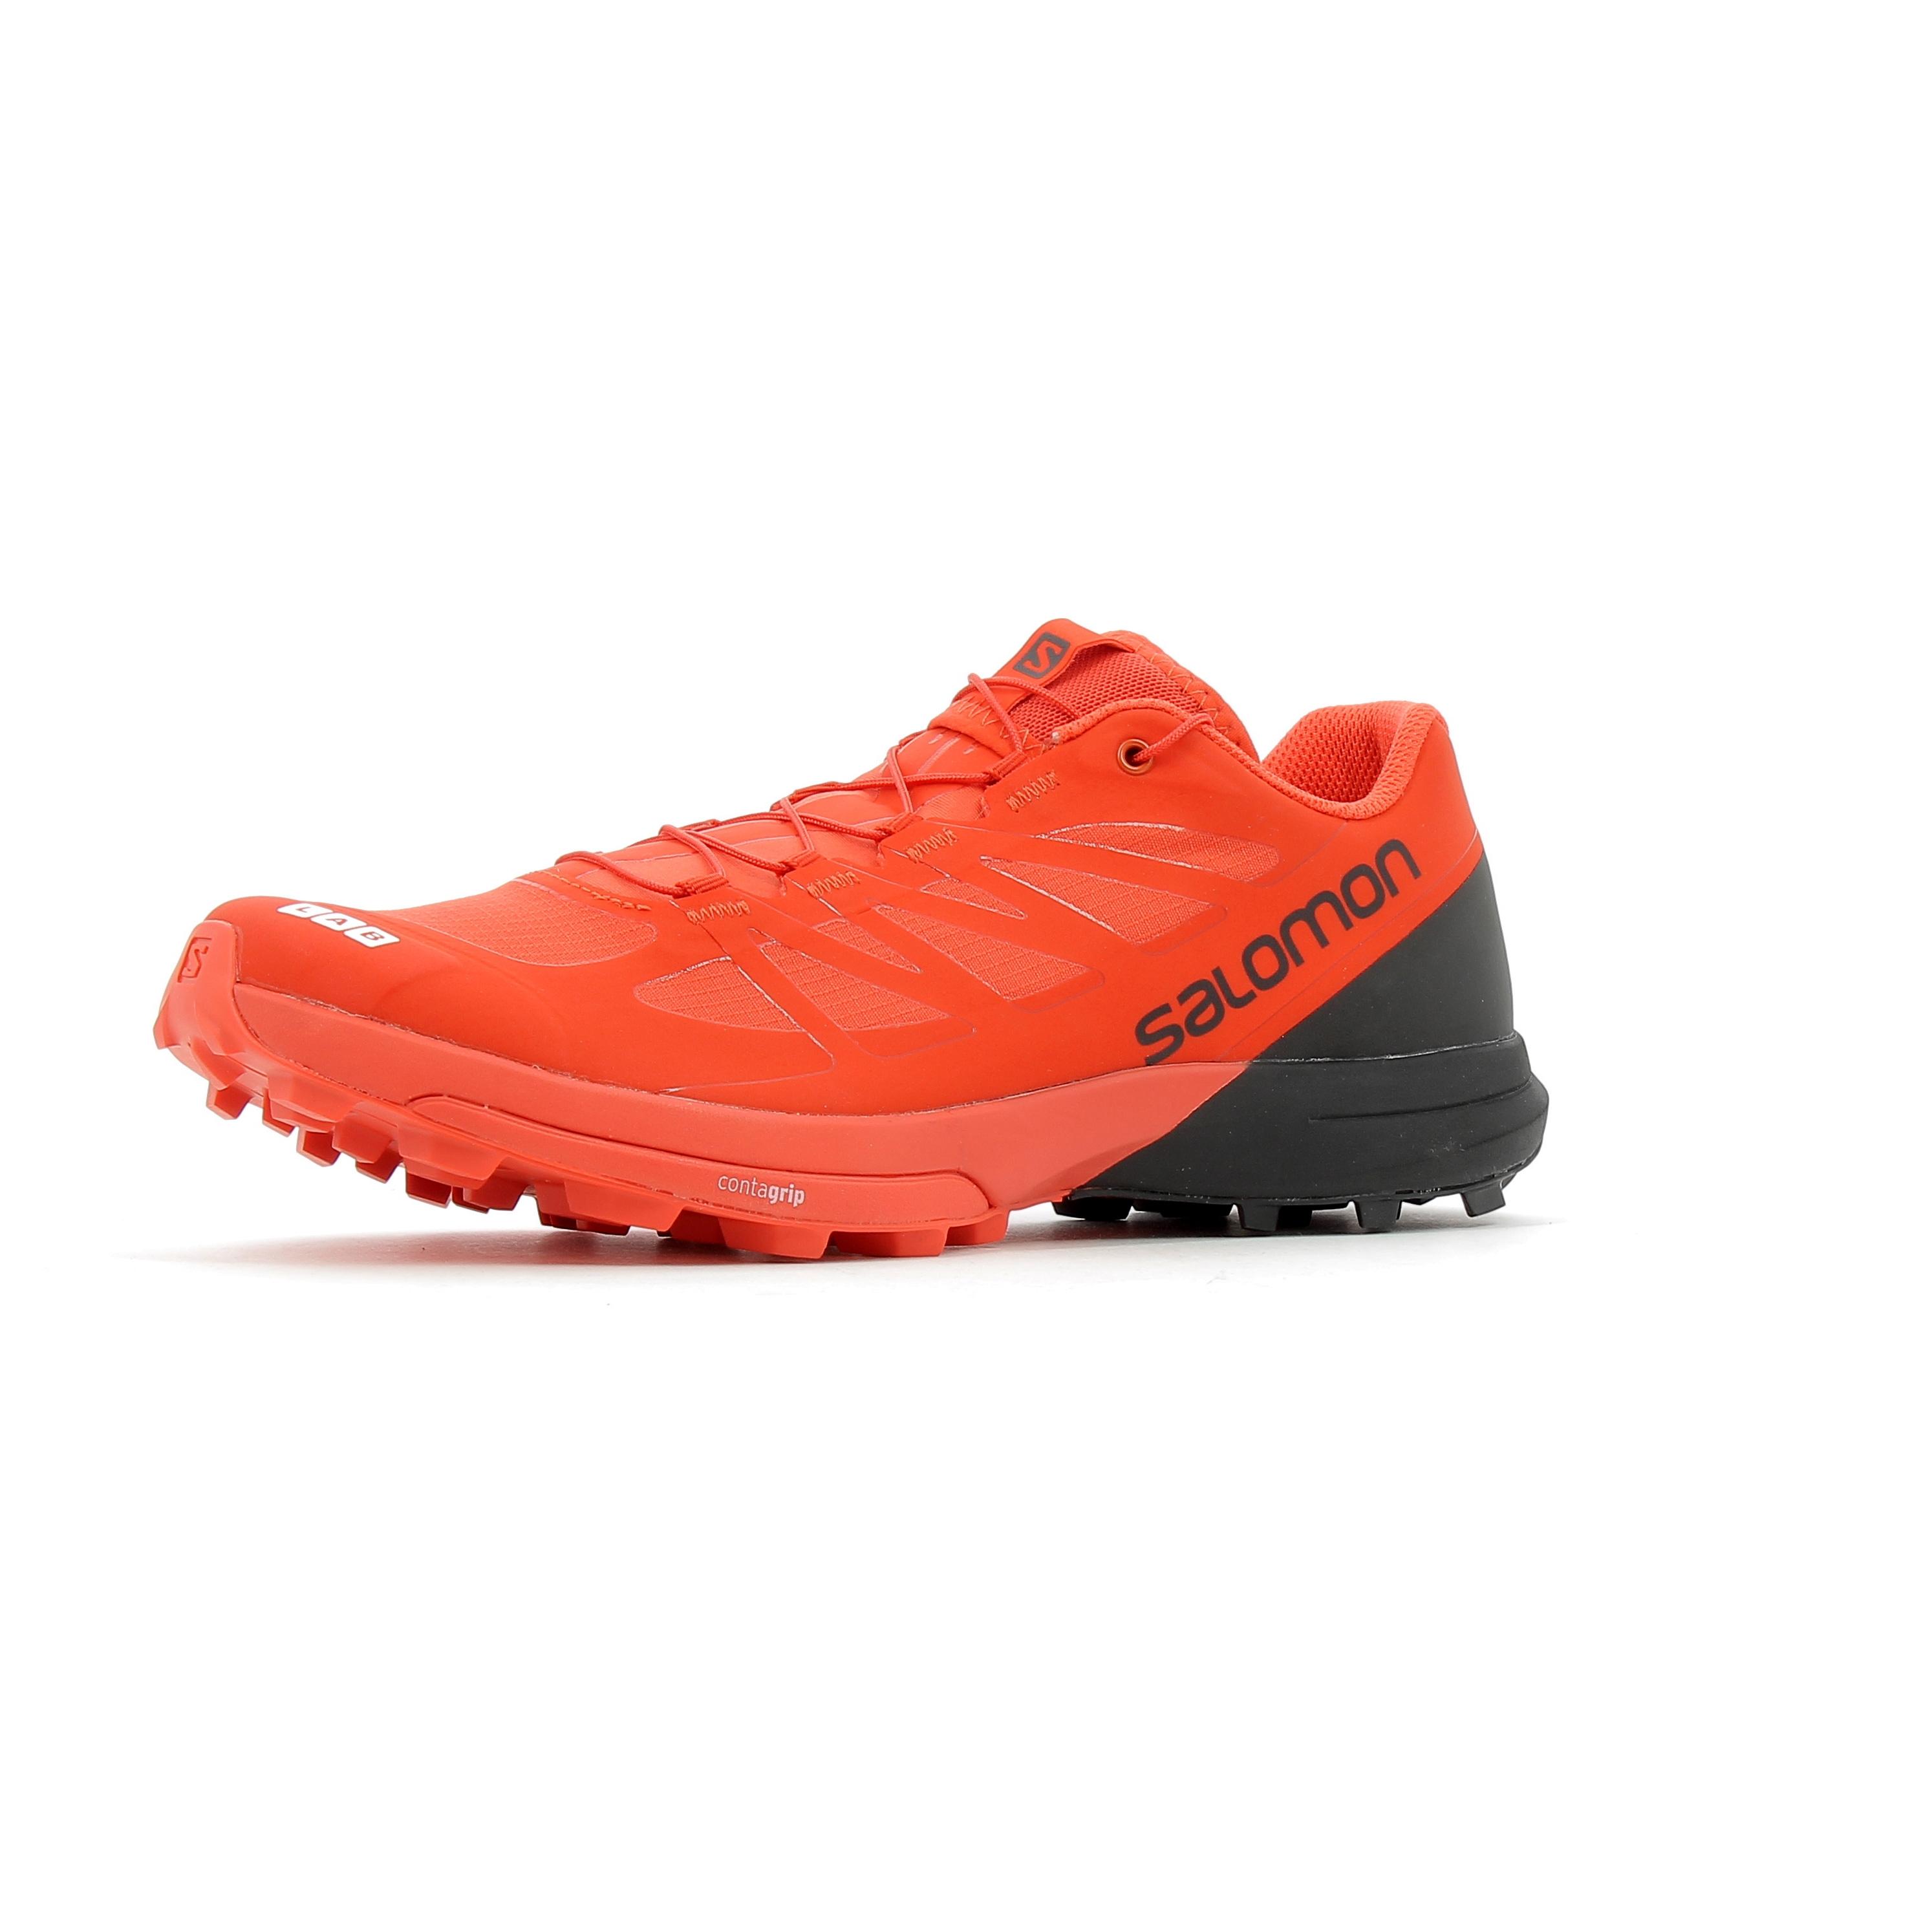 top quality exquisite design official images De Salomon Slab Sense 6 Randonnée Chaussures q61Fq